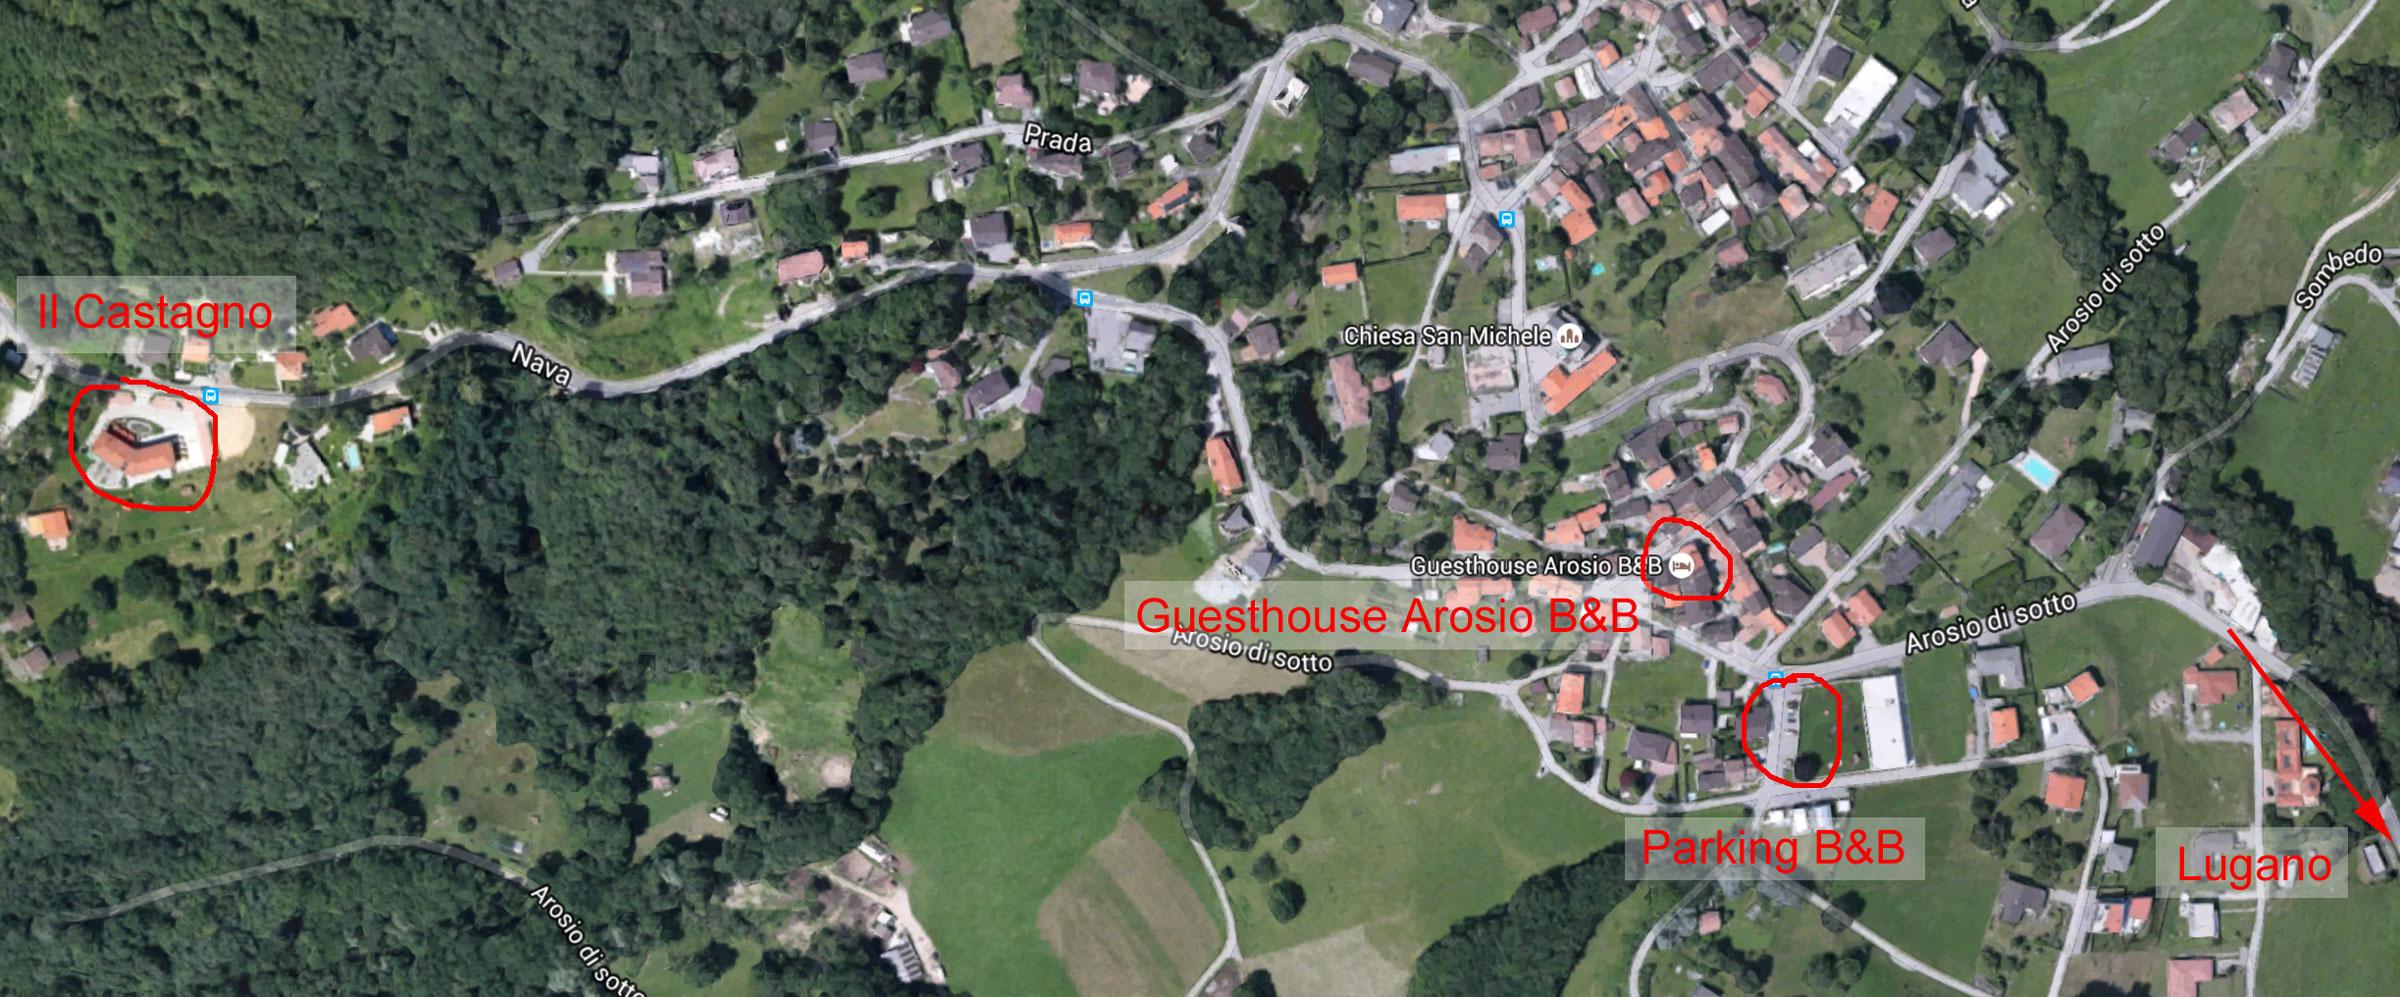 Map_Mugena_2400x997